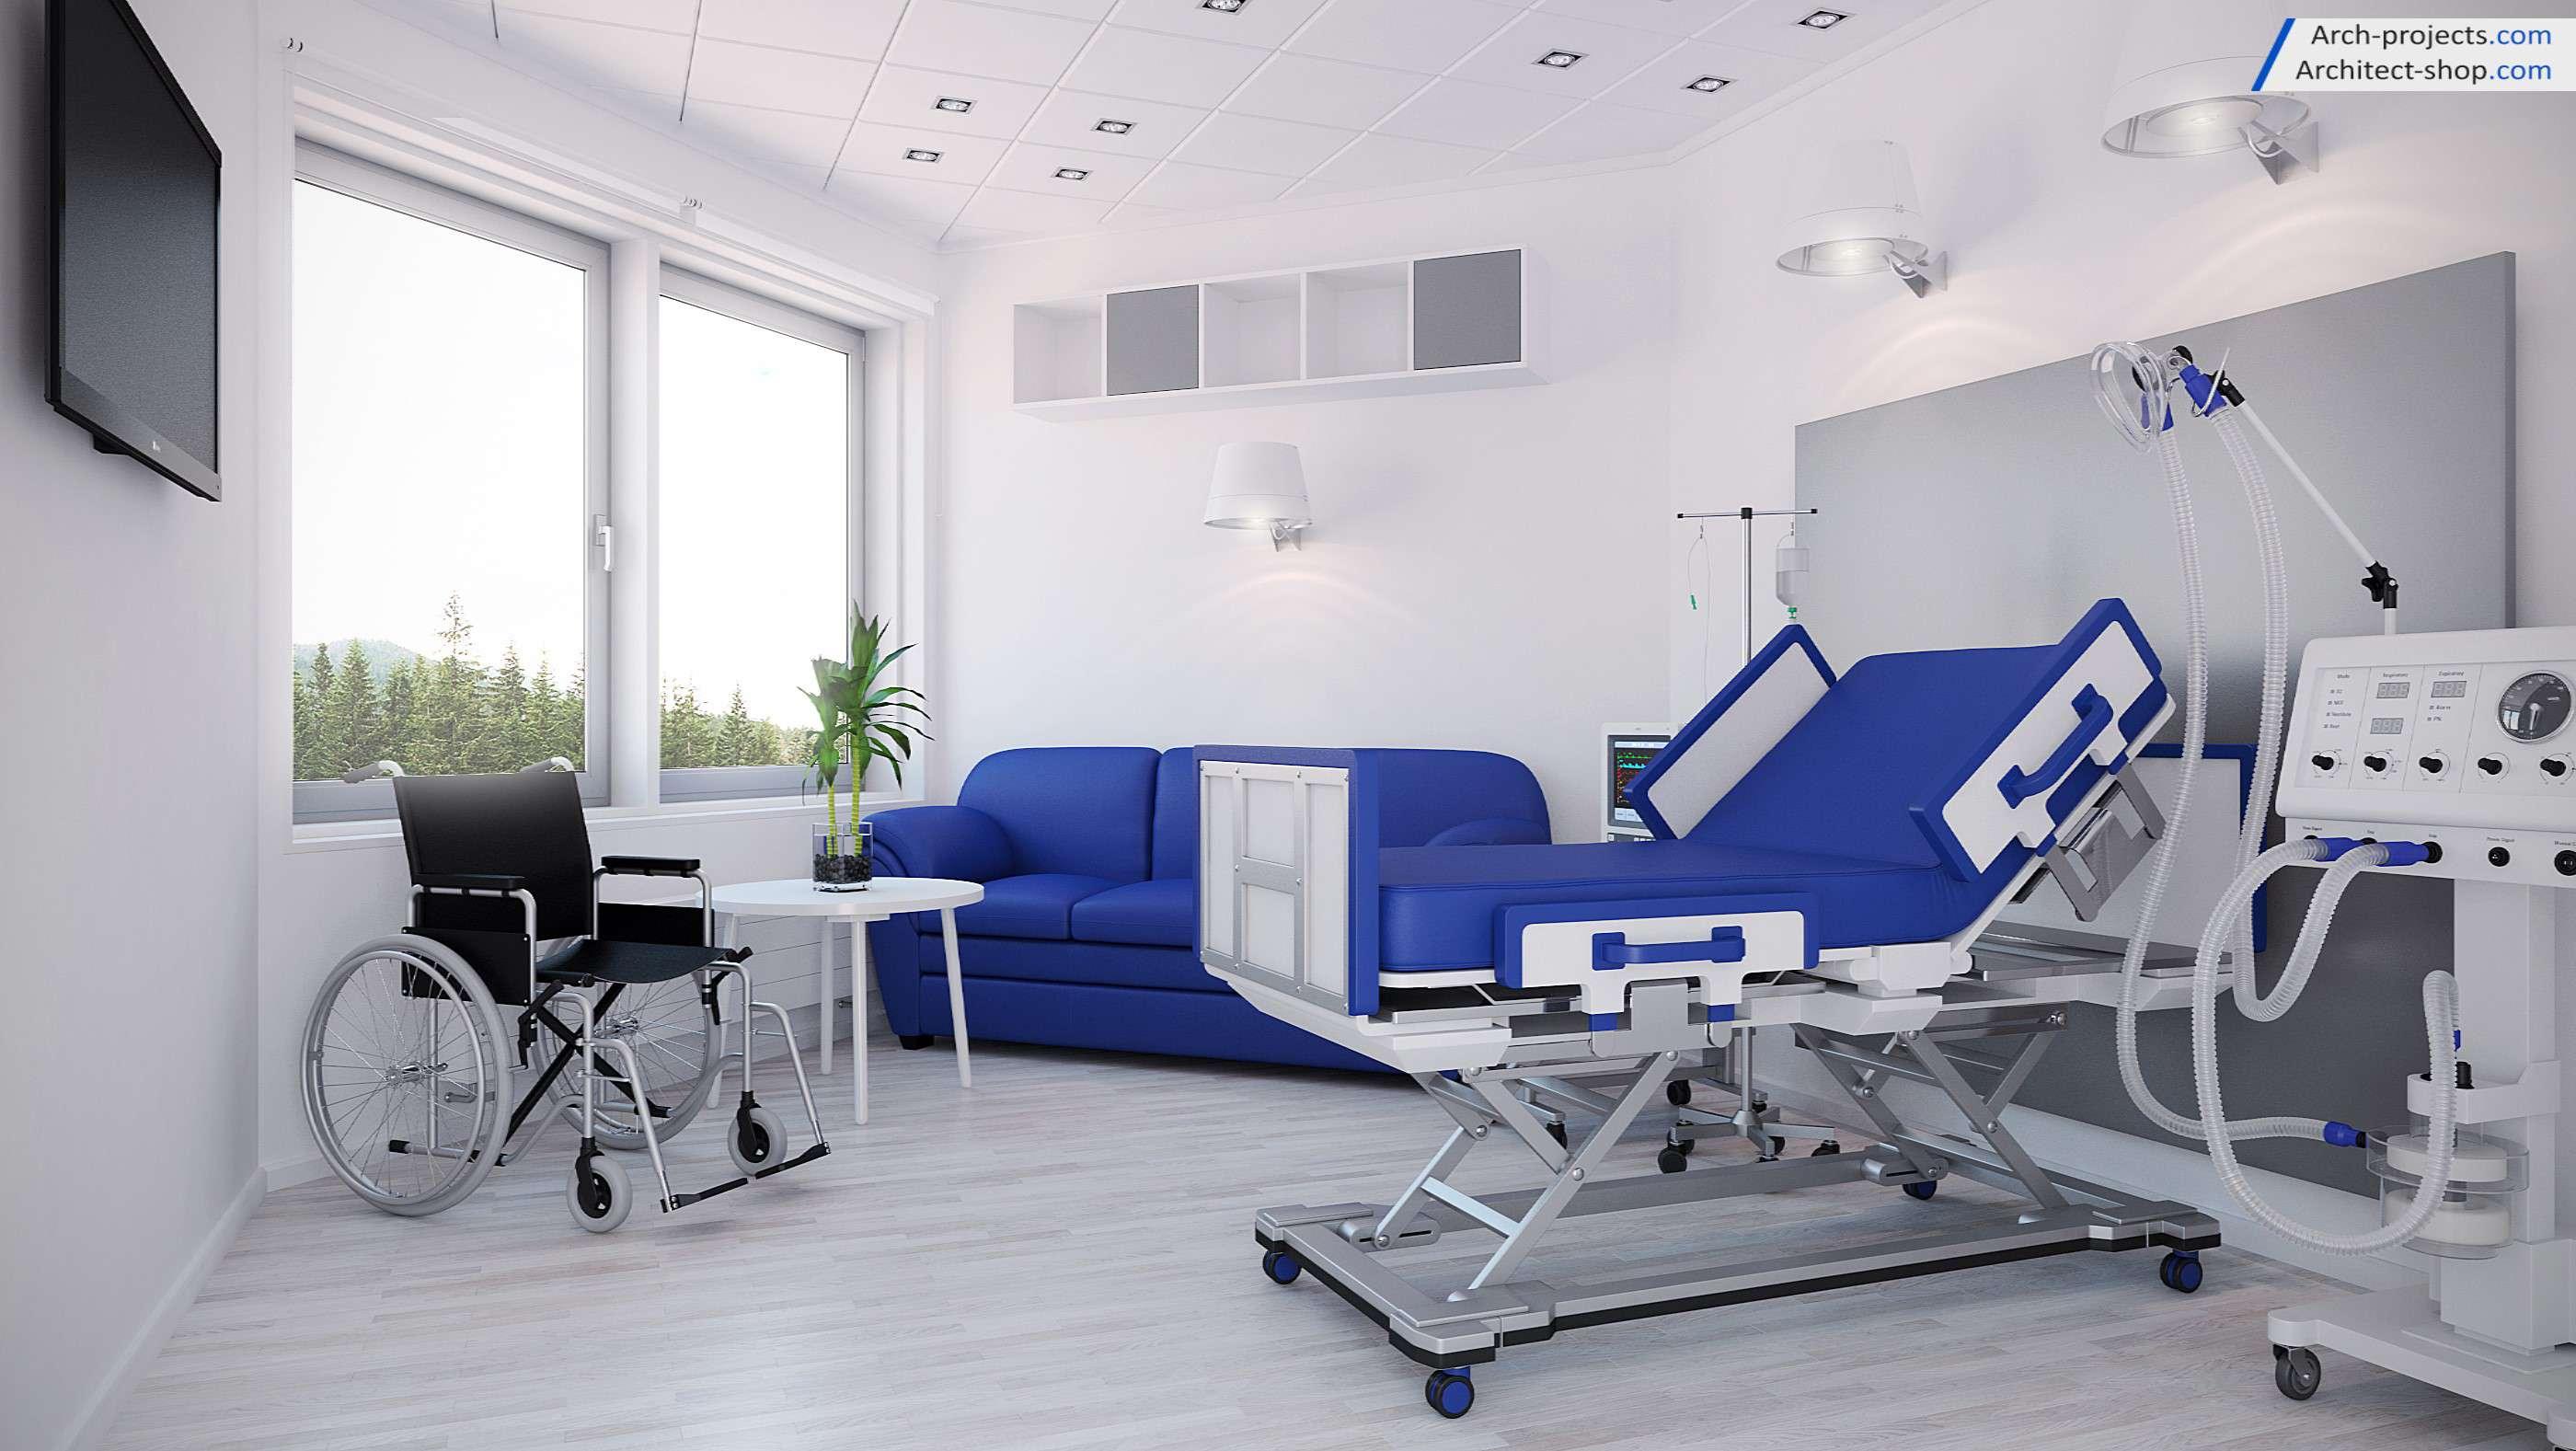 مدل سه بعدی بیمارستان